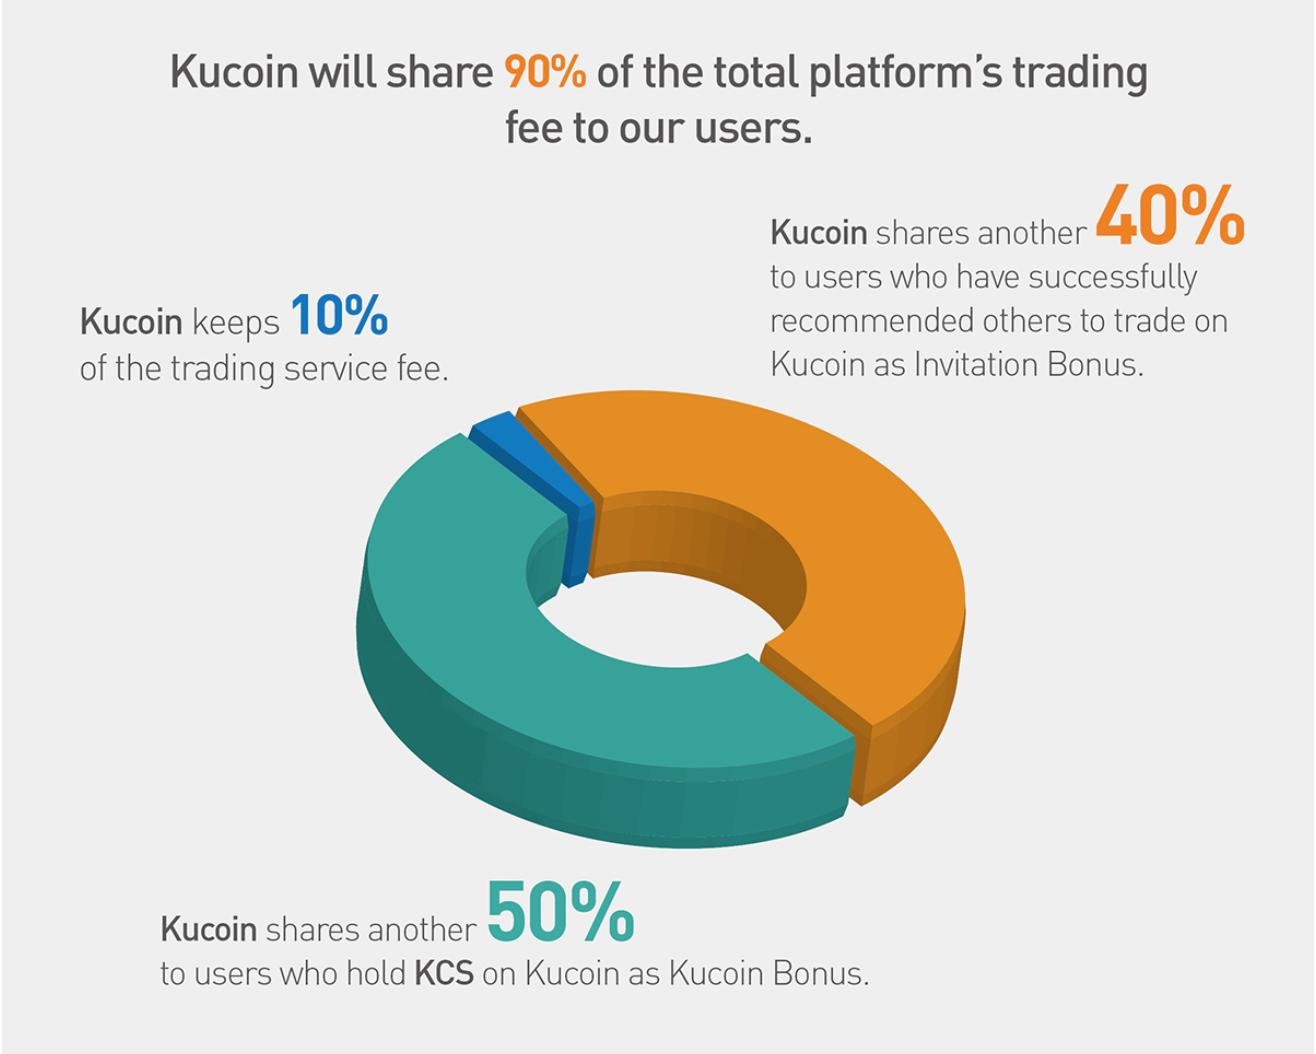 KuCoin Shares: jouw vroegtijdig pensioen? Op dit moment kan het al lucratief zijn om te investeren in KuCoin shares. Op het moment van schrijven, kan je volgens de website van KuCoin zelf al 38 dollar per dag verdienen als je in het bezit bent van 15.000 KuCoin shares. Dit aantal lijkt echter alleen maar te stijgen, omdat het handelsplatform zeer sterk aan populariteit wint. Hoe populairder het platform, hoe groter jouw winsten. Zowel de waarde van je aandelen gaan omhoog als je verdiensten. Daarnaast word je niet uitbetaald in dollars of euro's, maar in de cryptomunten die op het platform verhandeld worden. Hoe populairder cryptocurrency's worden (en zoals je in dit artikel kunt lezen, staan we nog in de begindagen), hoe groter jouw winsten zullen zijn. Op dit moment accepteren ook nog eens de allergrootste exchanges geen gebruikers meer, waardoor veel gebruikers richting KuCoins gaan. Wij verwachten daarom dat KuCoin en daarmee KuCoin Shares. nog een zeer sterke stijging mee gaat maken. Als jij hiervan mee wilt profiteren, is het een idee om in KuCoin Shares te investeren. Uiteraard is dit geen advies en is het verstandig zelf eerst nog onderzoek te doen. Investeer nooit meer geld dan je bereid bent te verliezen.